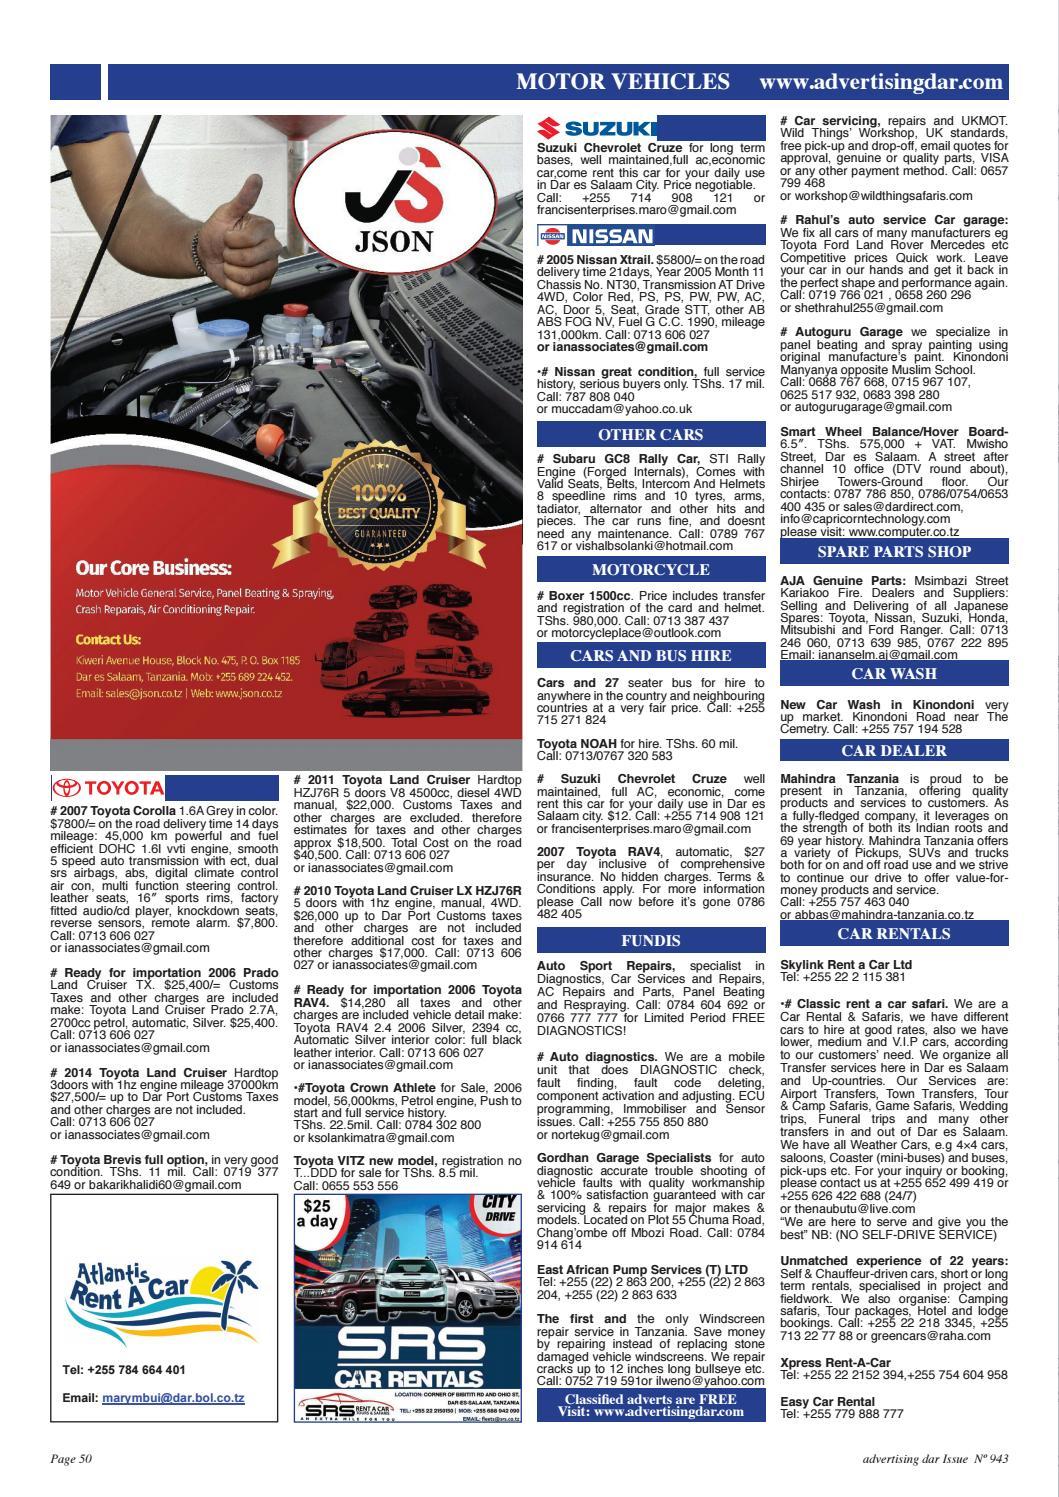 Advertising Dar Issue Nº 943 - 22nd September 2017